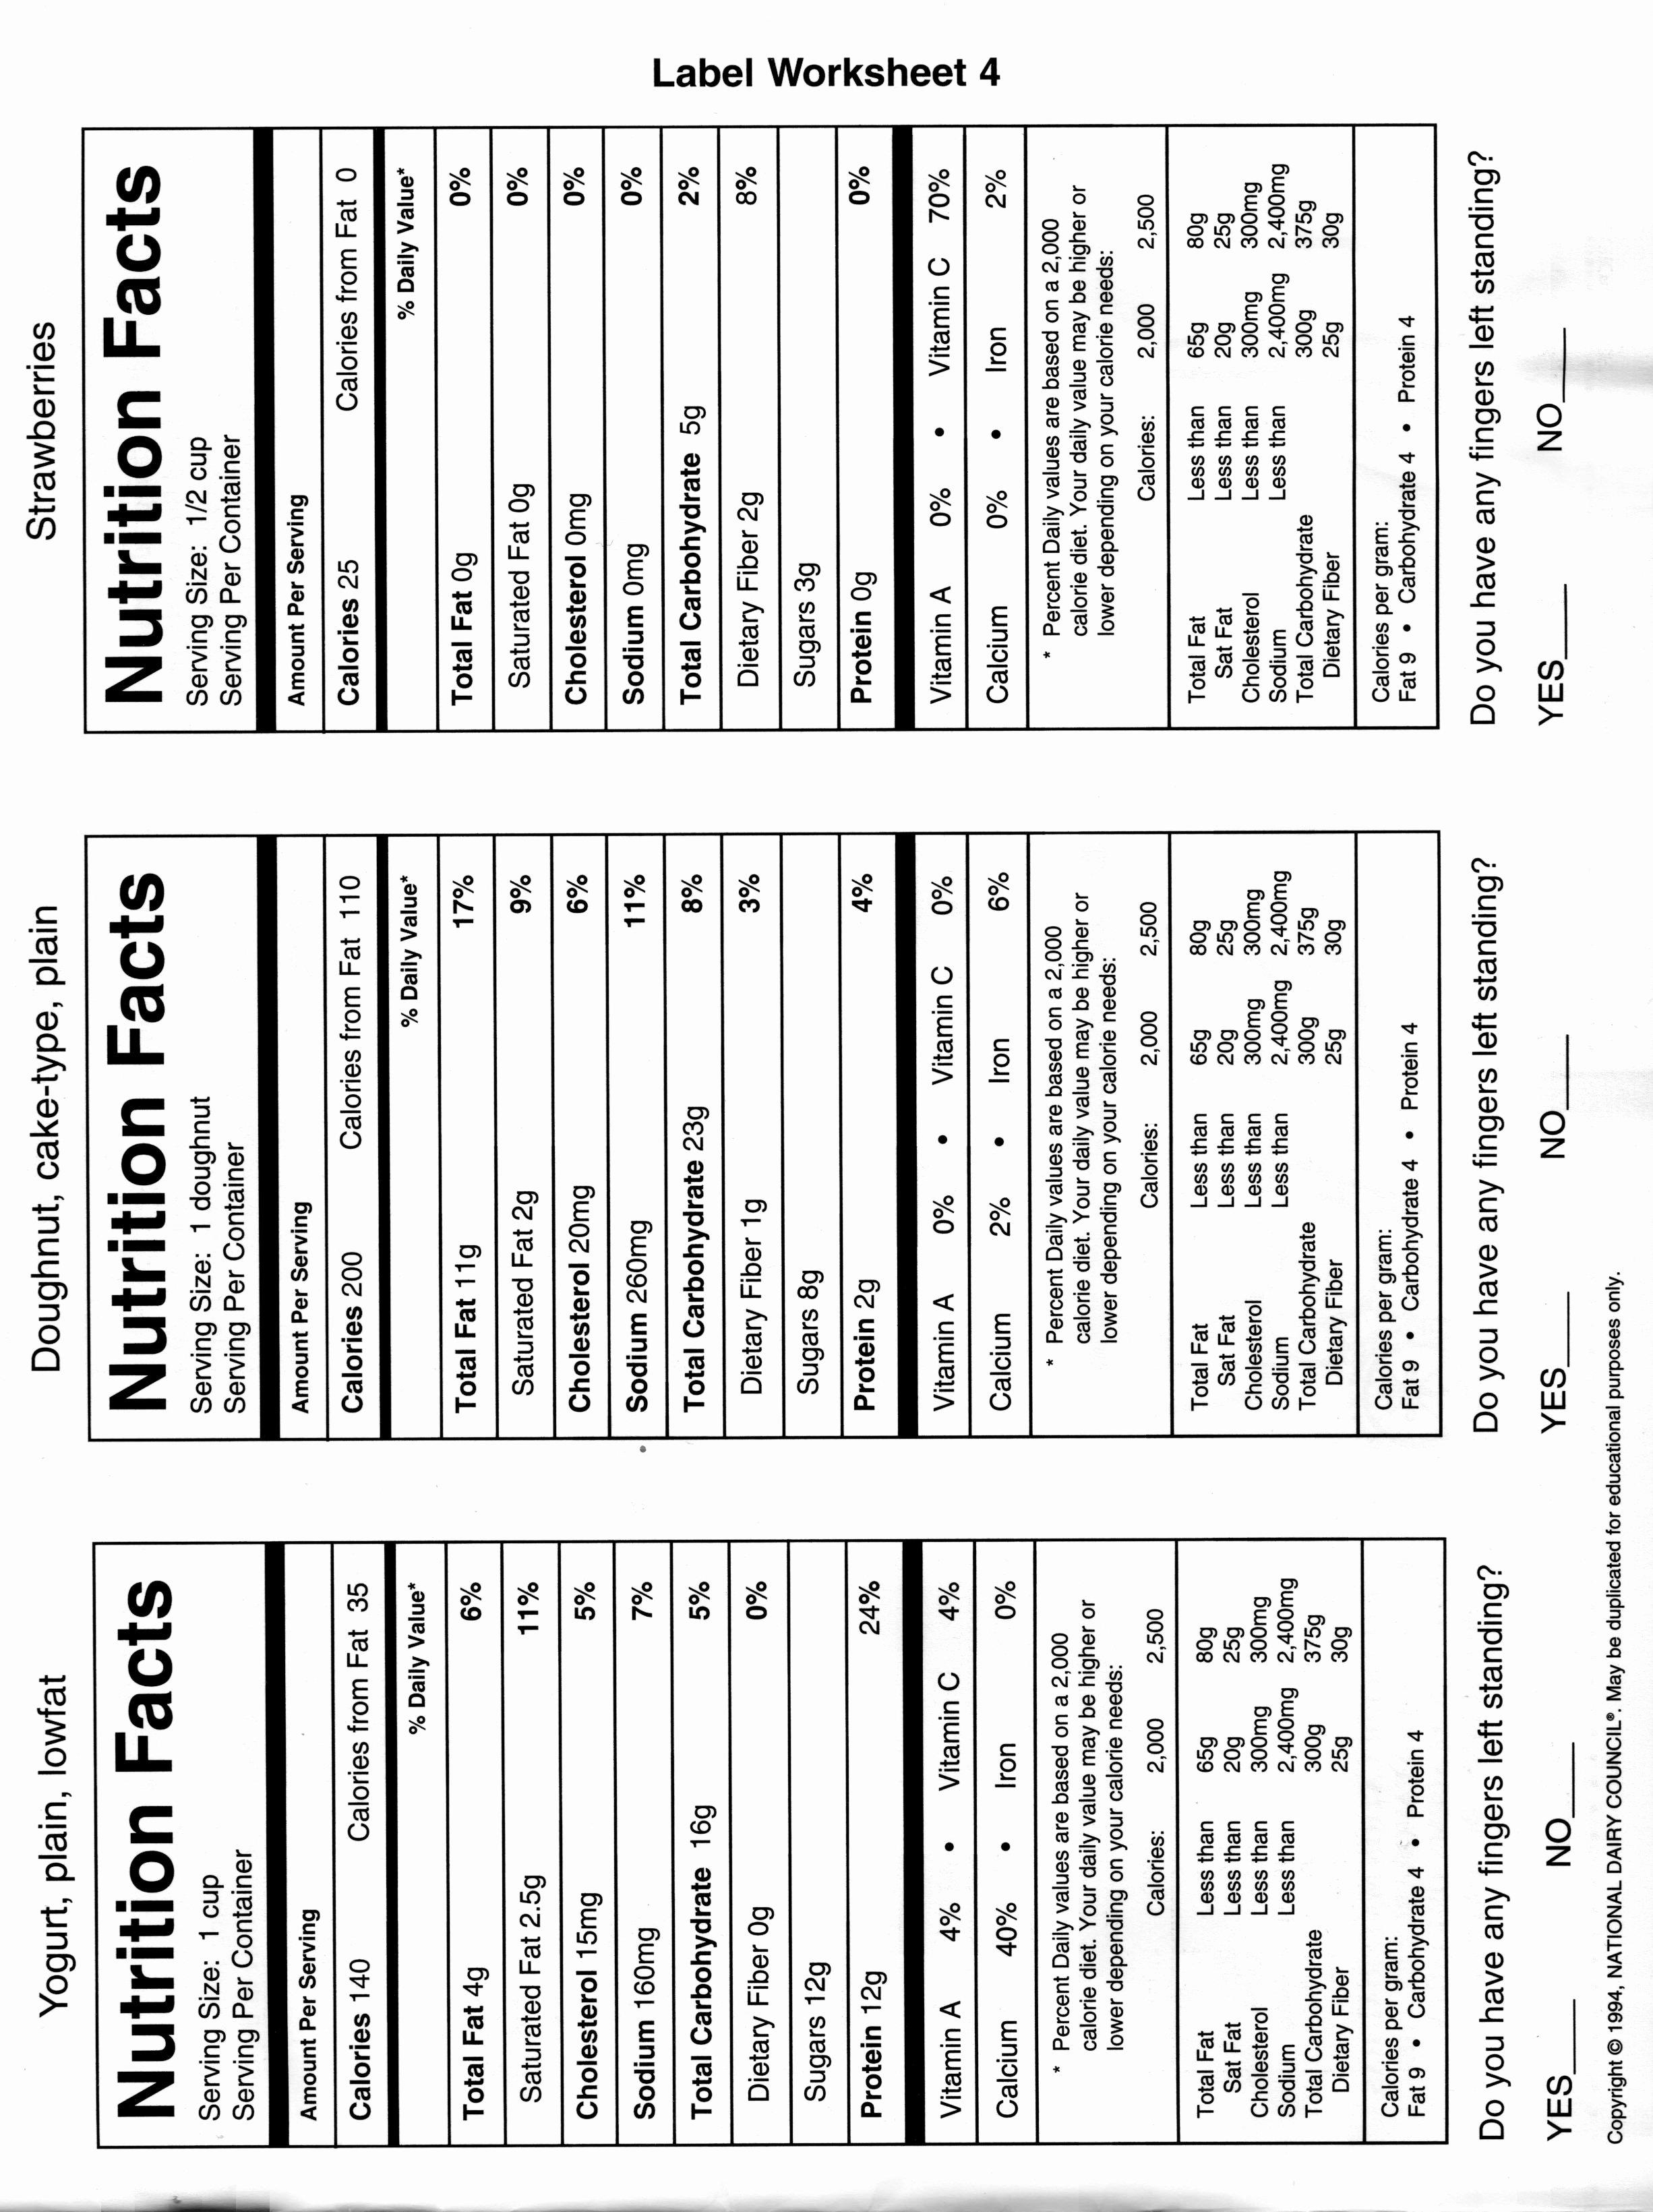 50 Blank Nutrition Label Worksheet